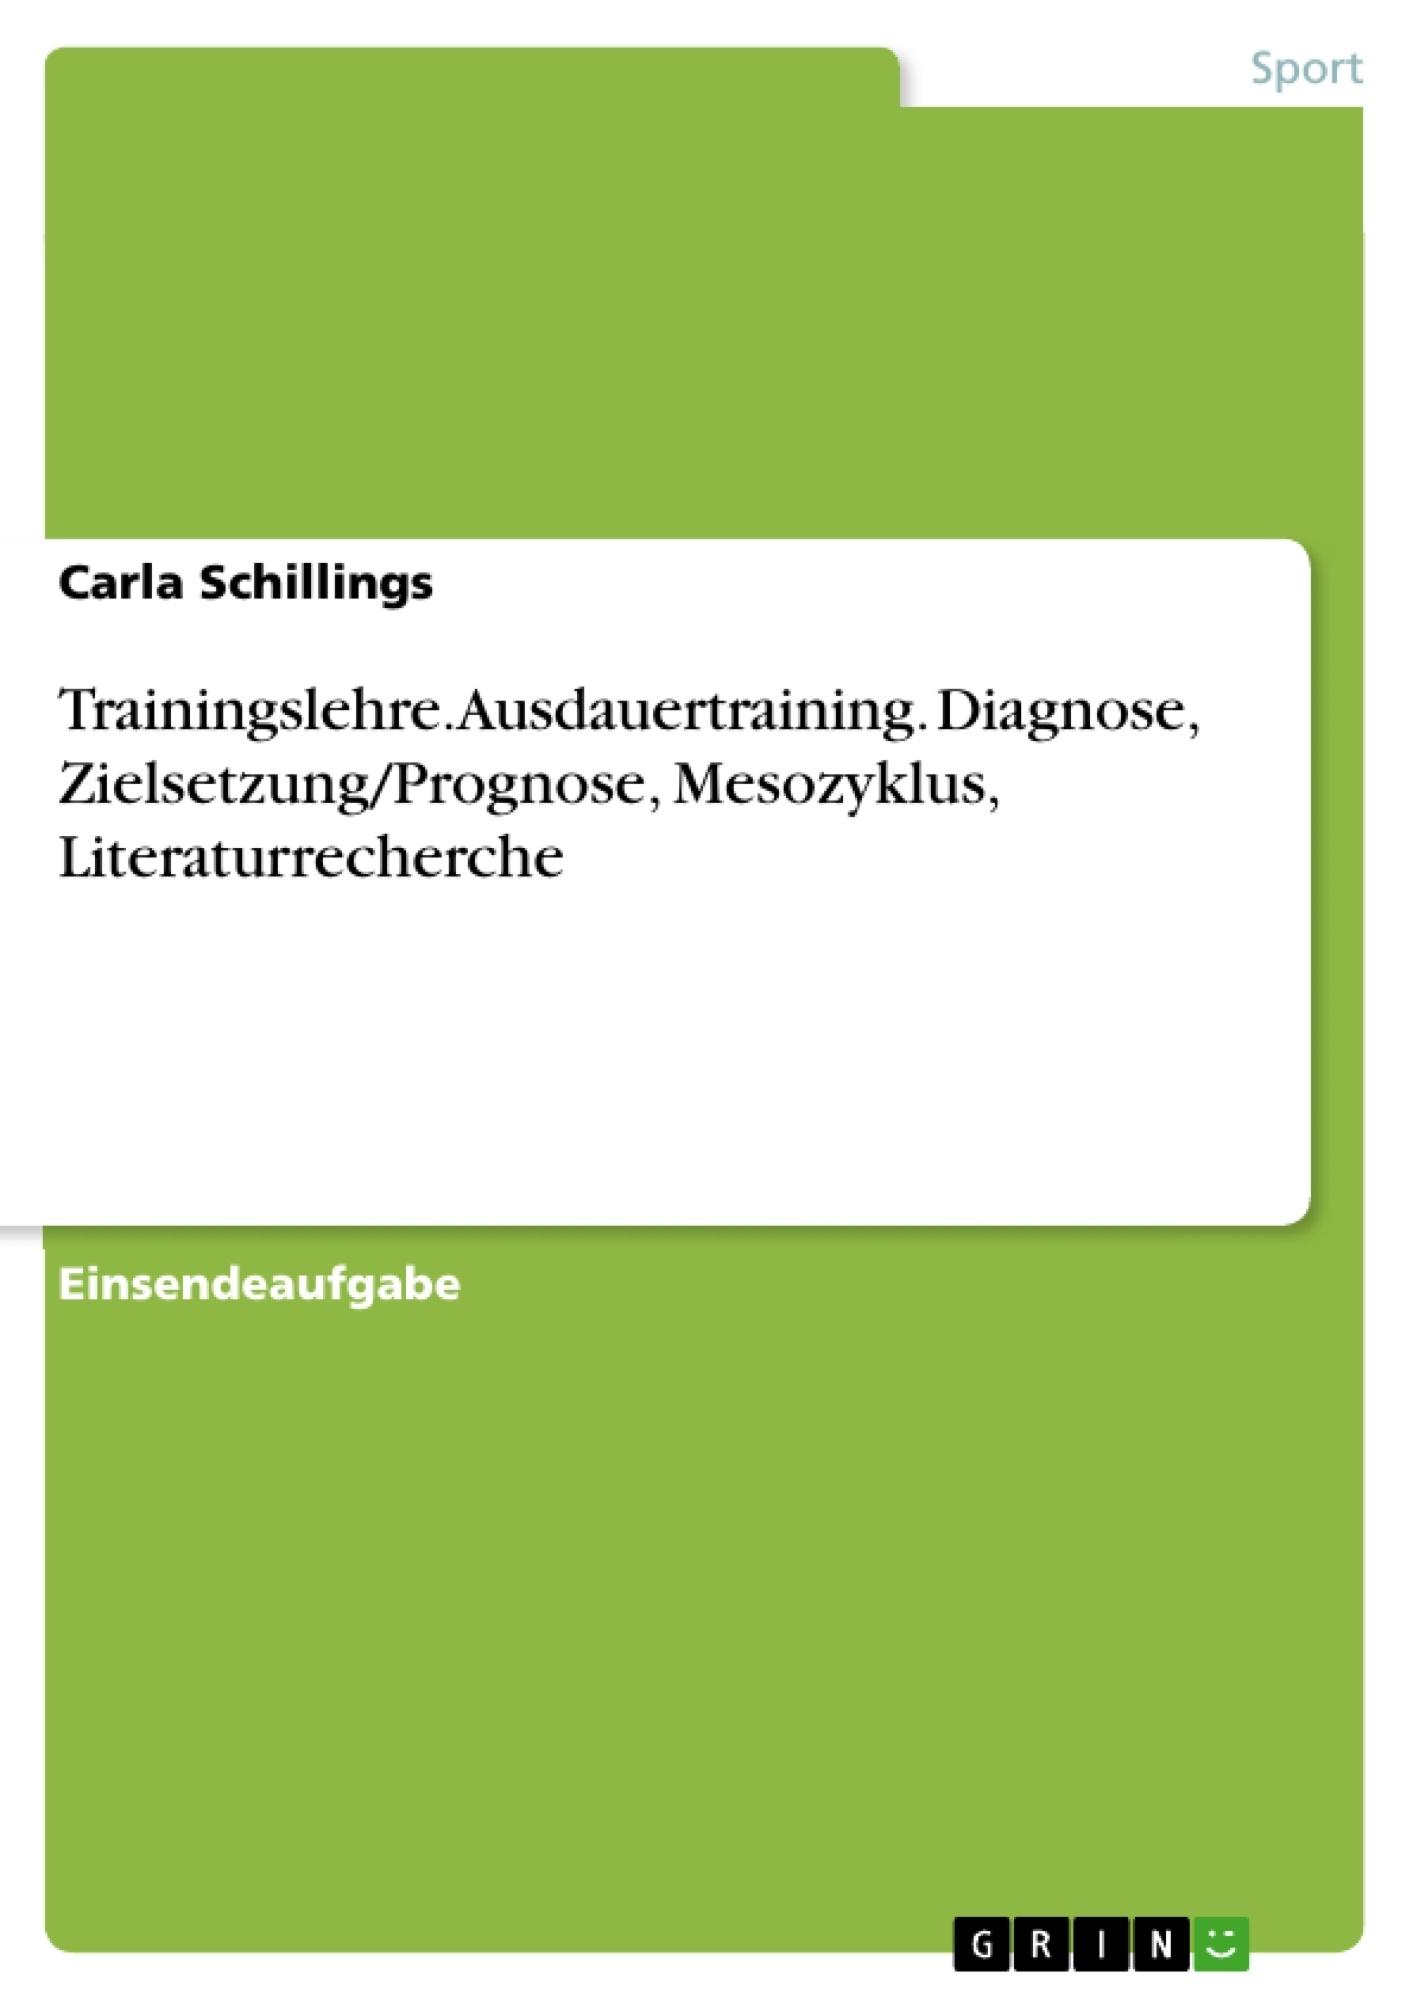 Titel: Trainingslehre. Ausdauertraining. Diagnose, Zielsetzung/Prognose, Mesozyklus, Literaturrecherche